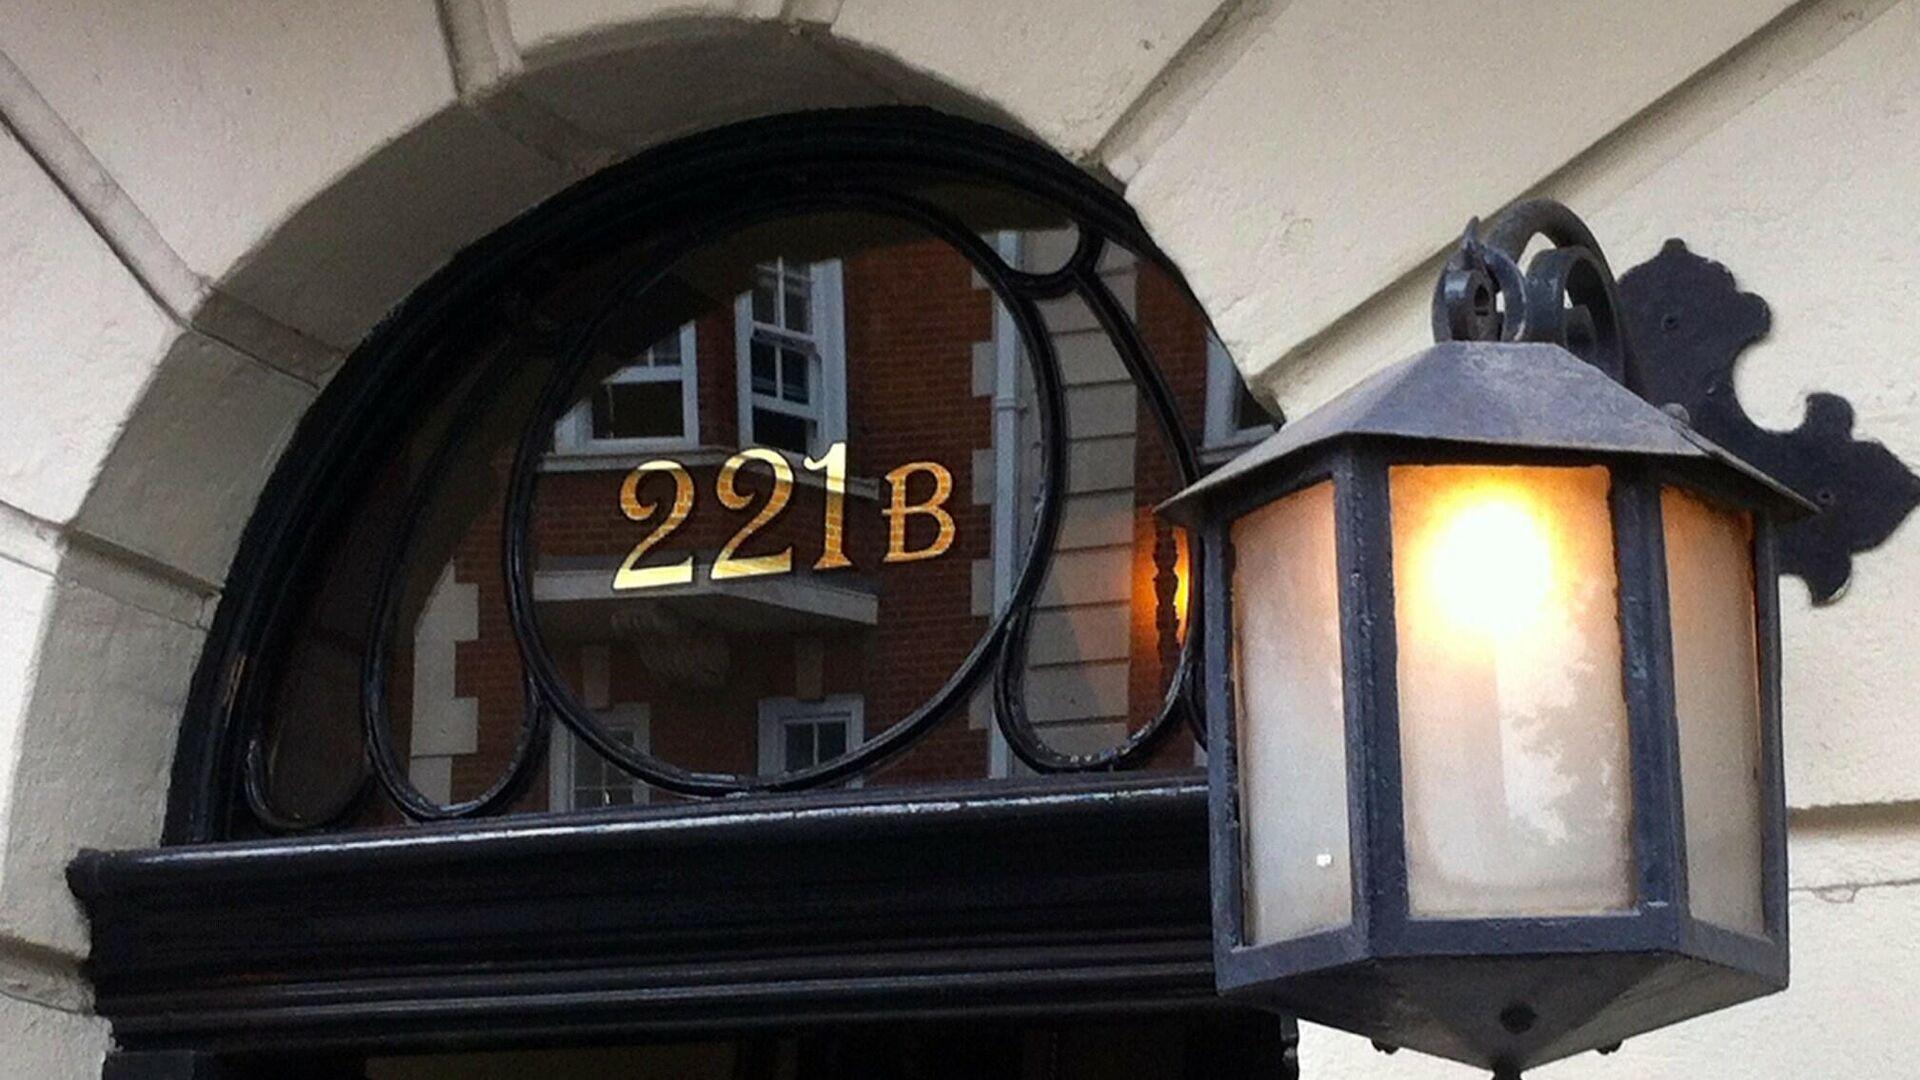 Дом 221B на улице Бейкер-стрит в Лондоне - РИА Новости, 1920, 10.11.2020